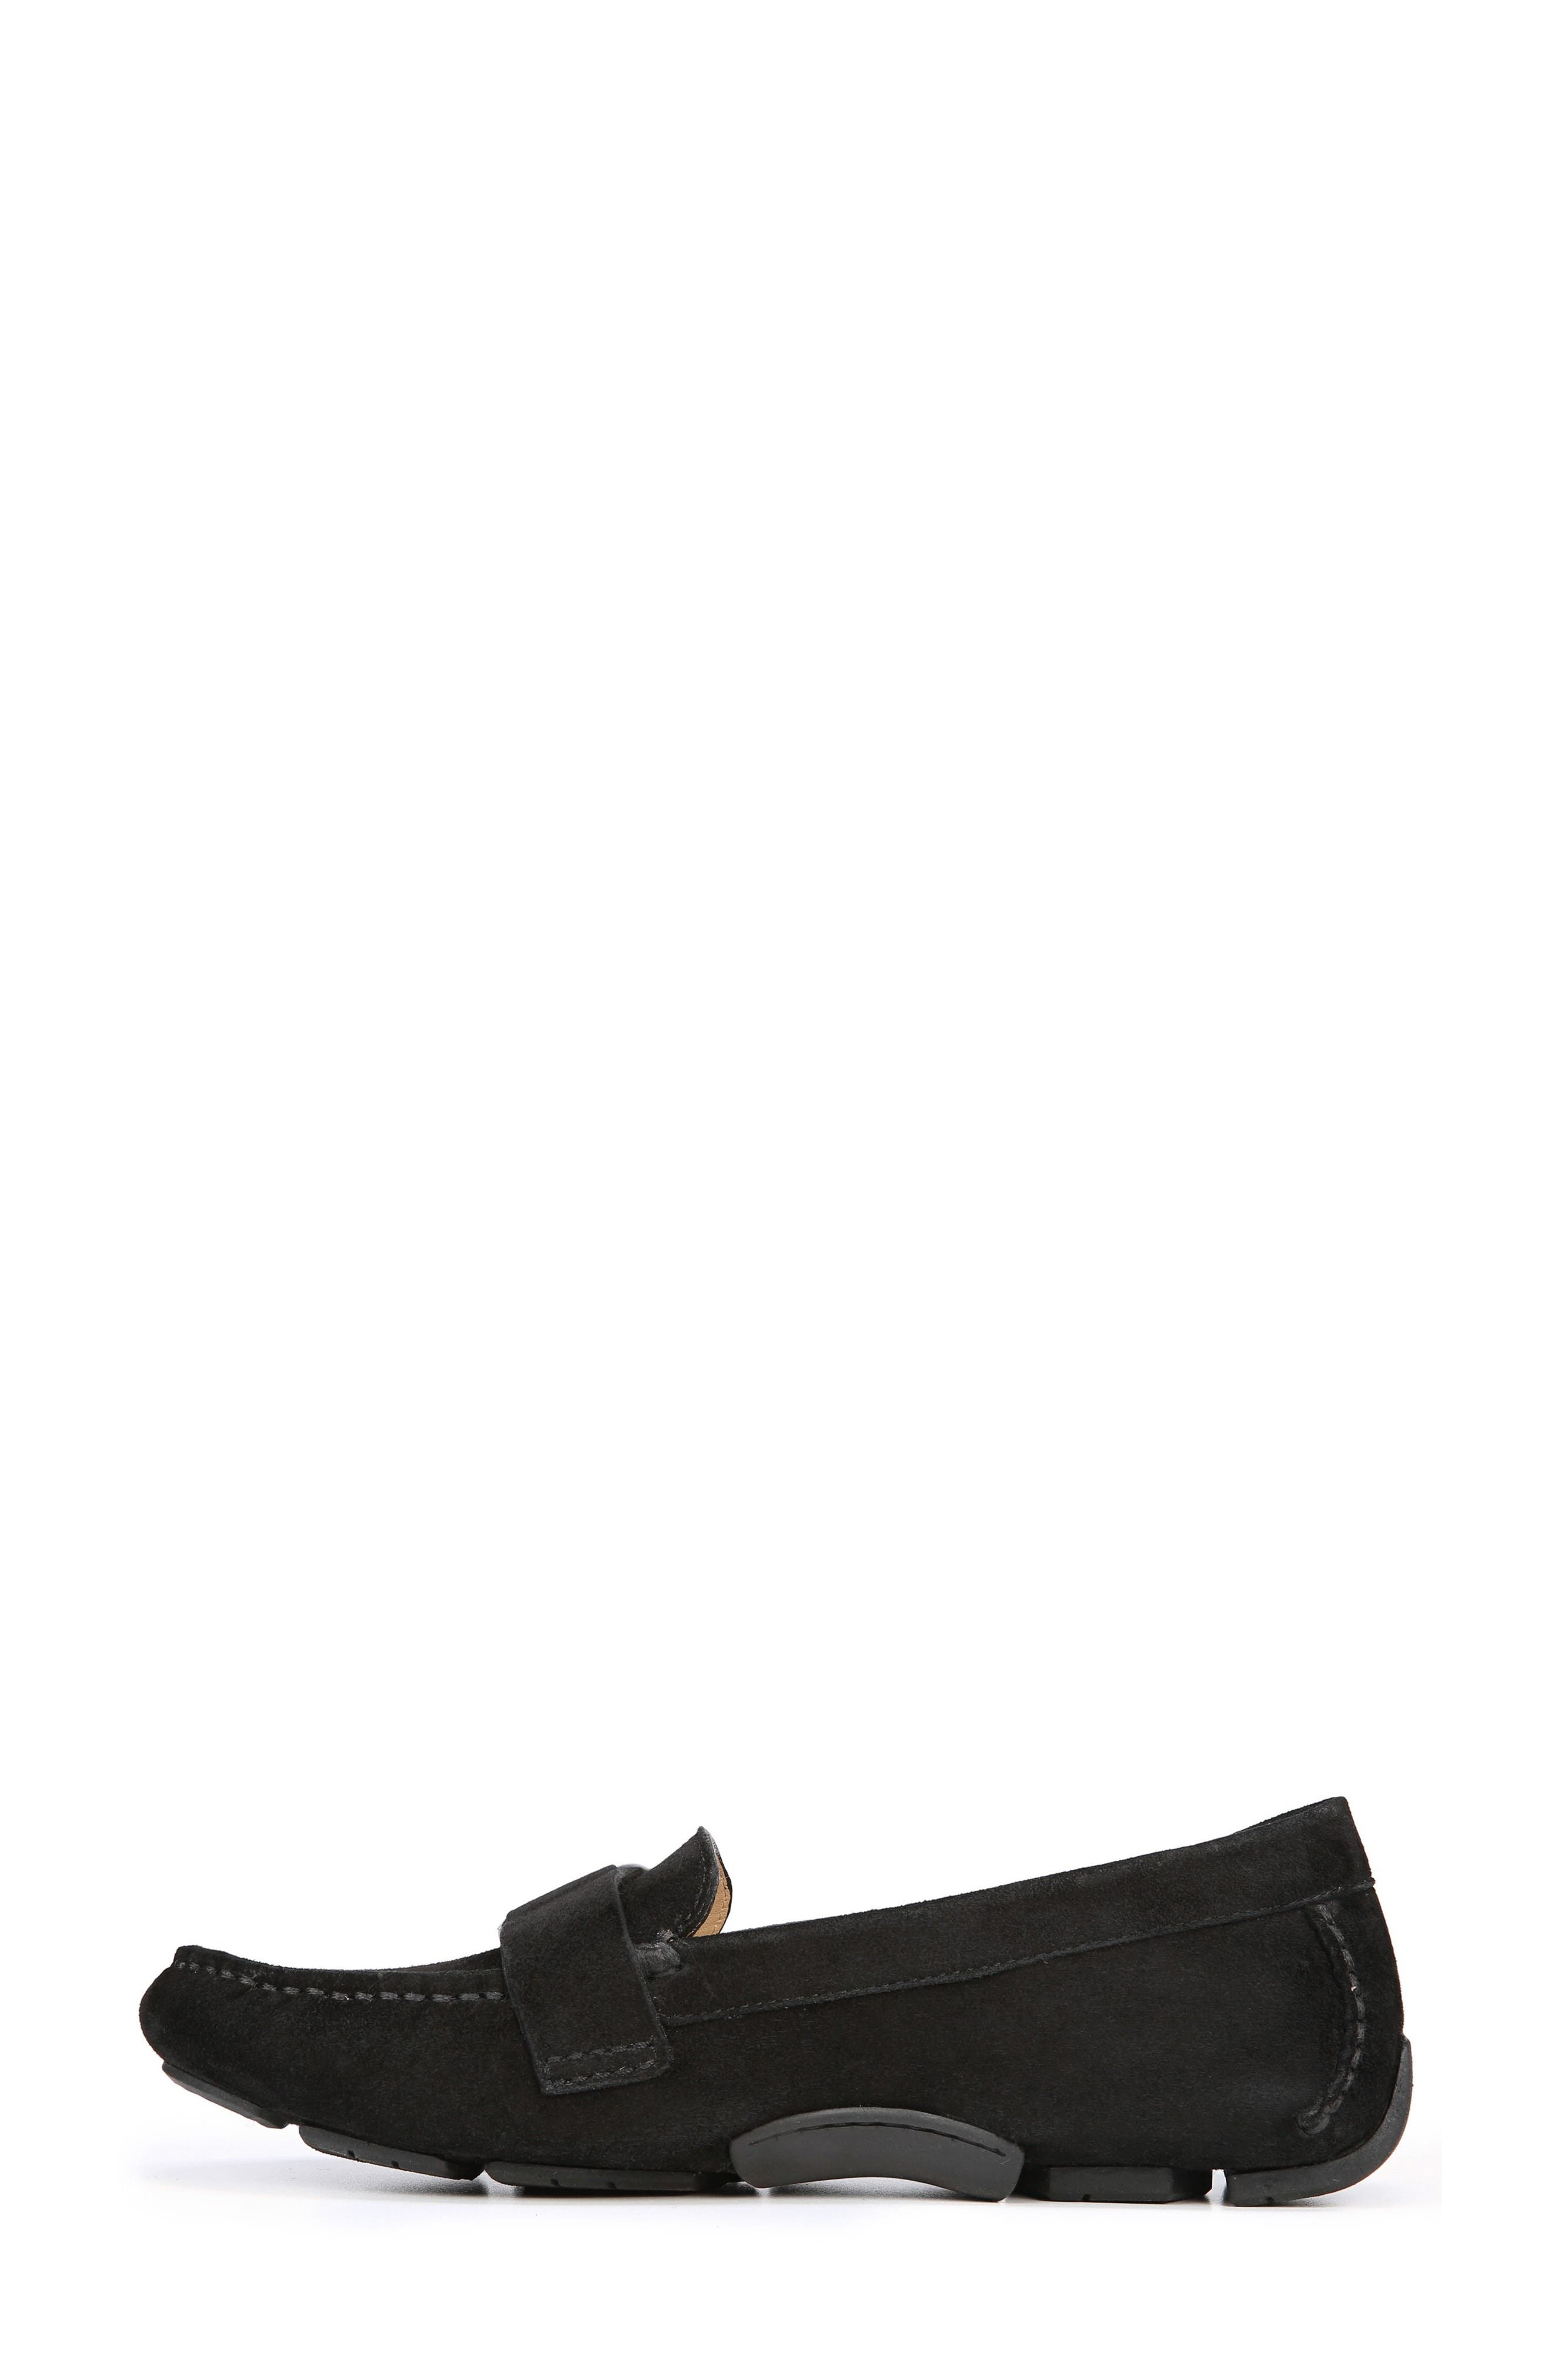 Nara Loafer,                             Alternate thumbnail 8, color,                             BLACK SUEDE